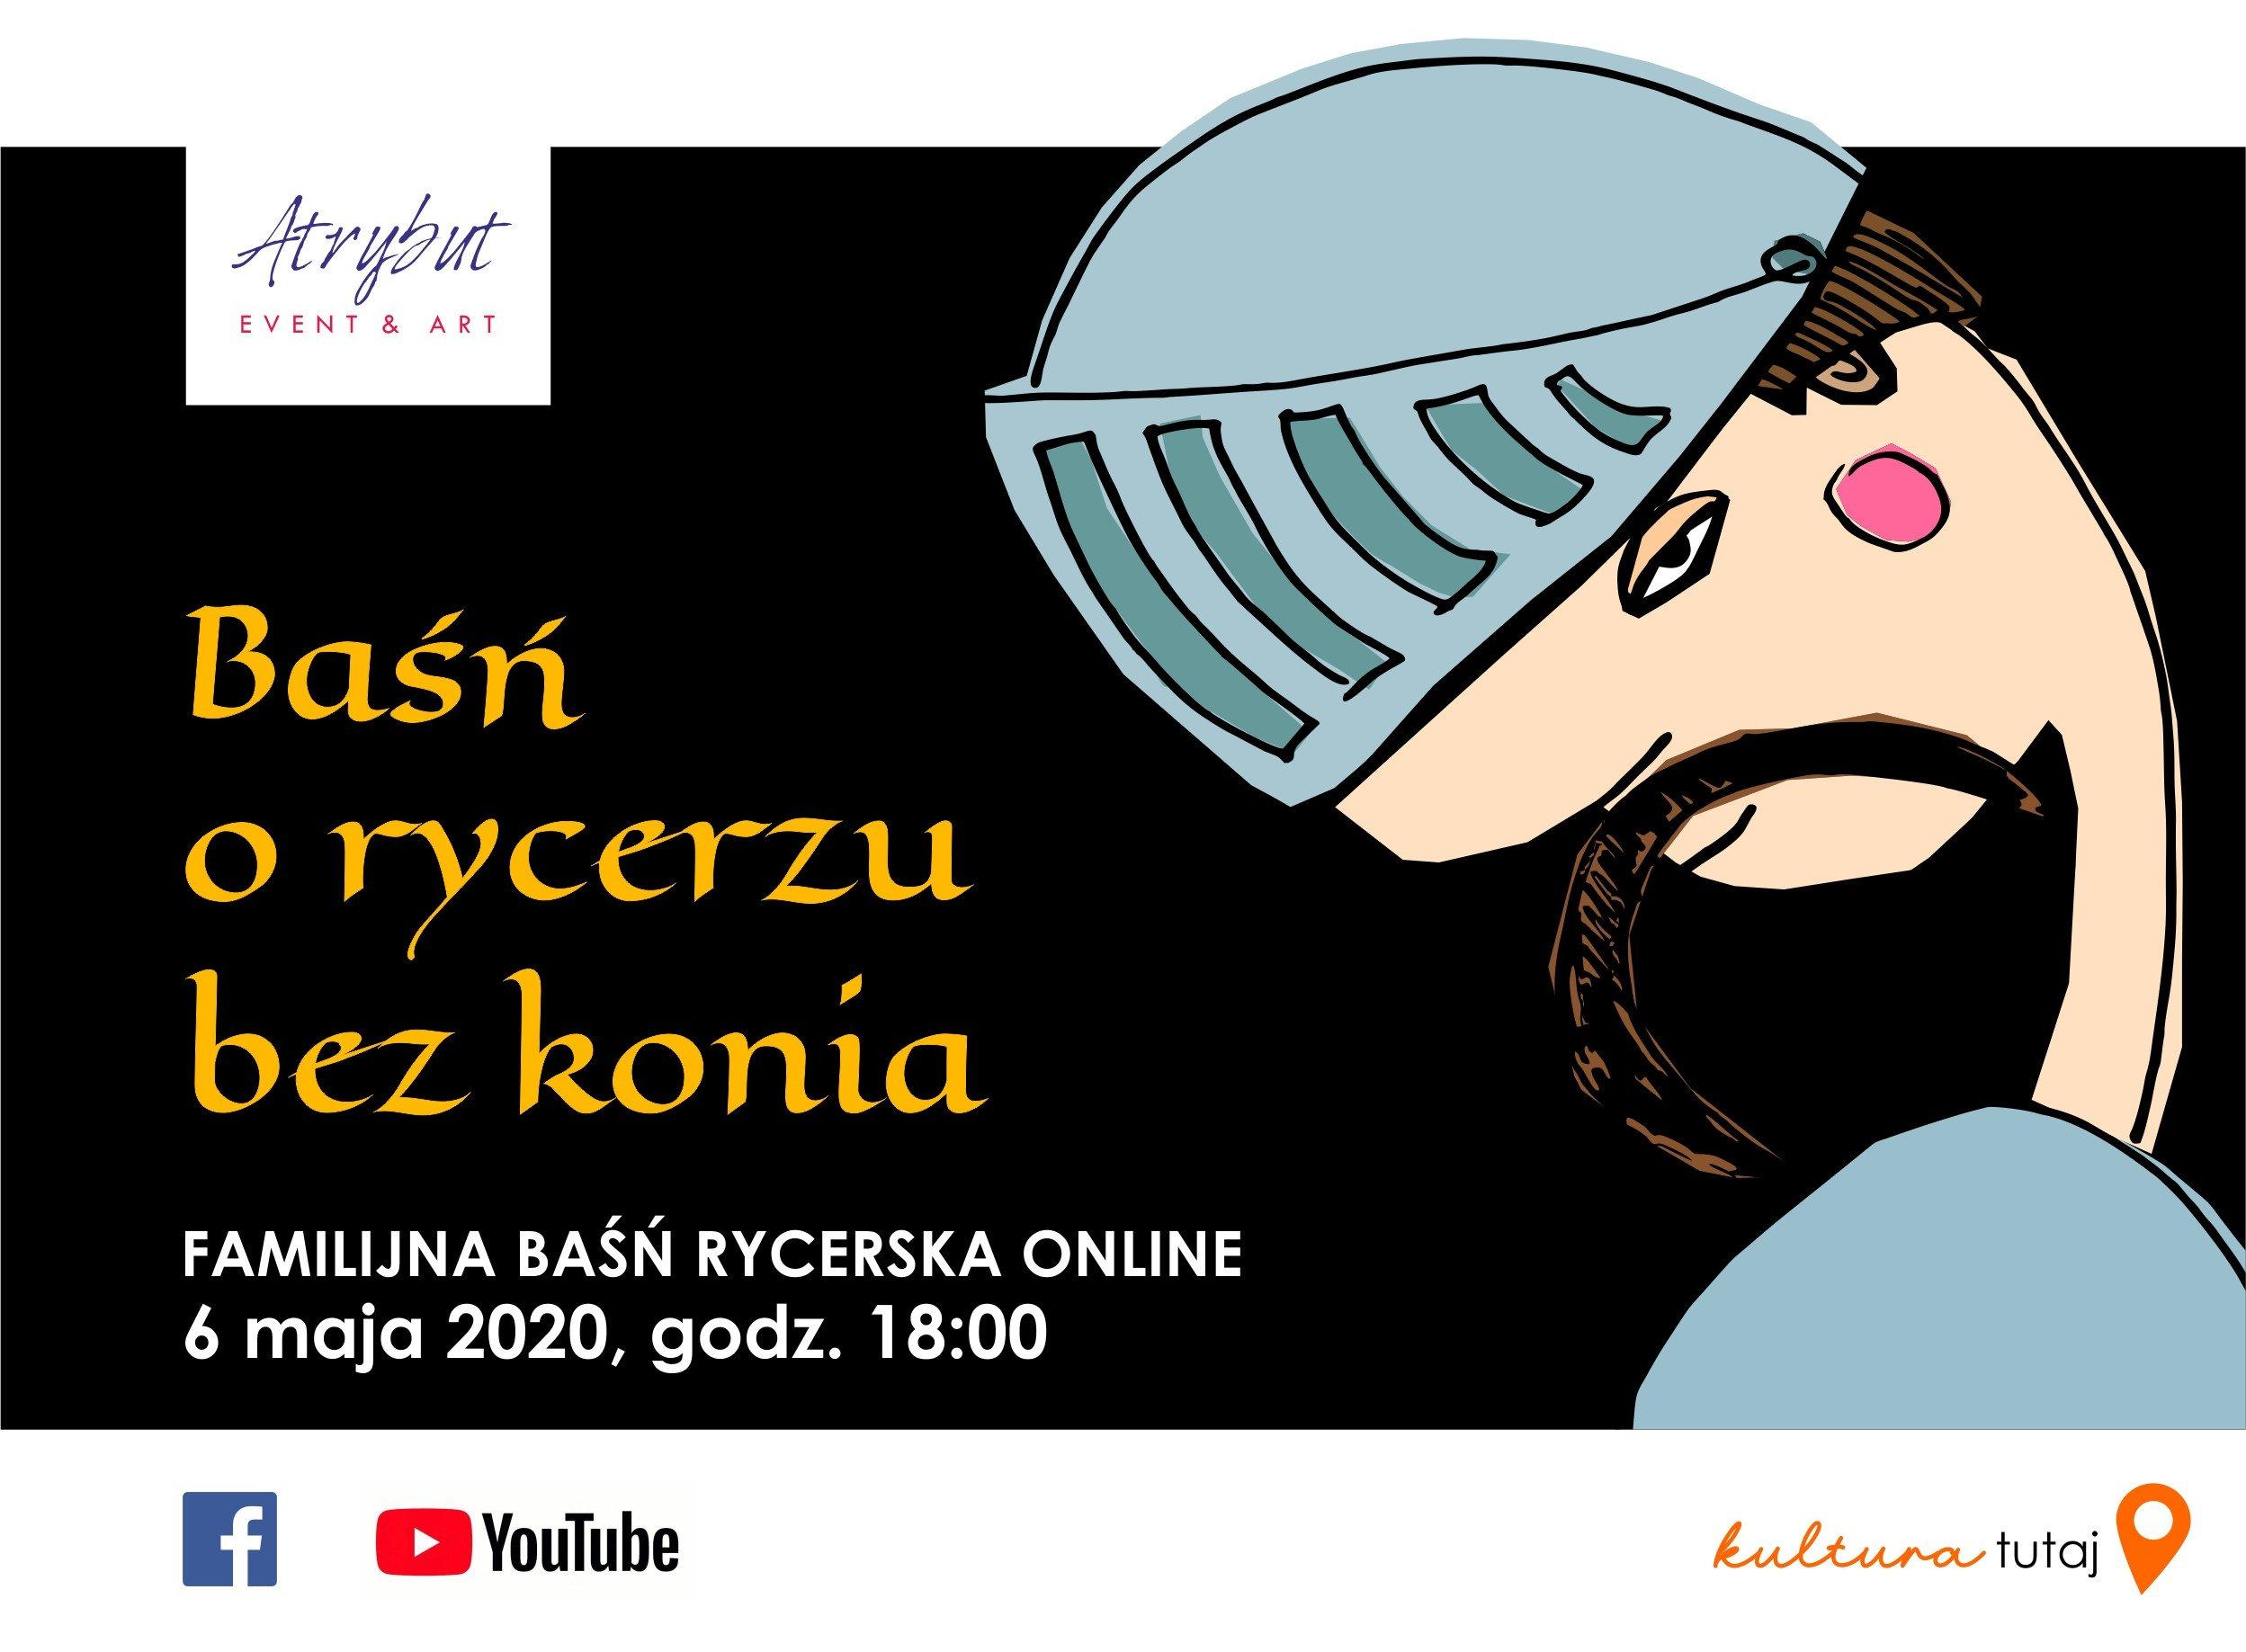 Familijna baśń rycerska po raz pierwszy online: Baśń o rycerzu bez konia